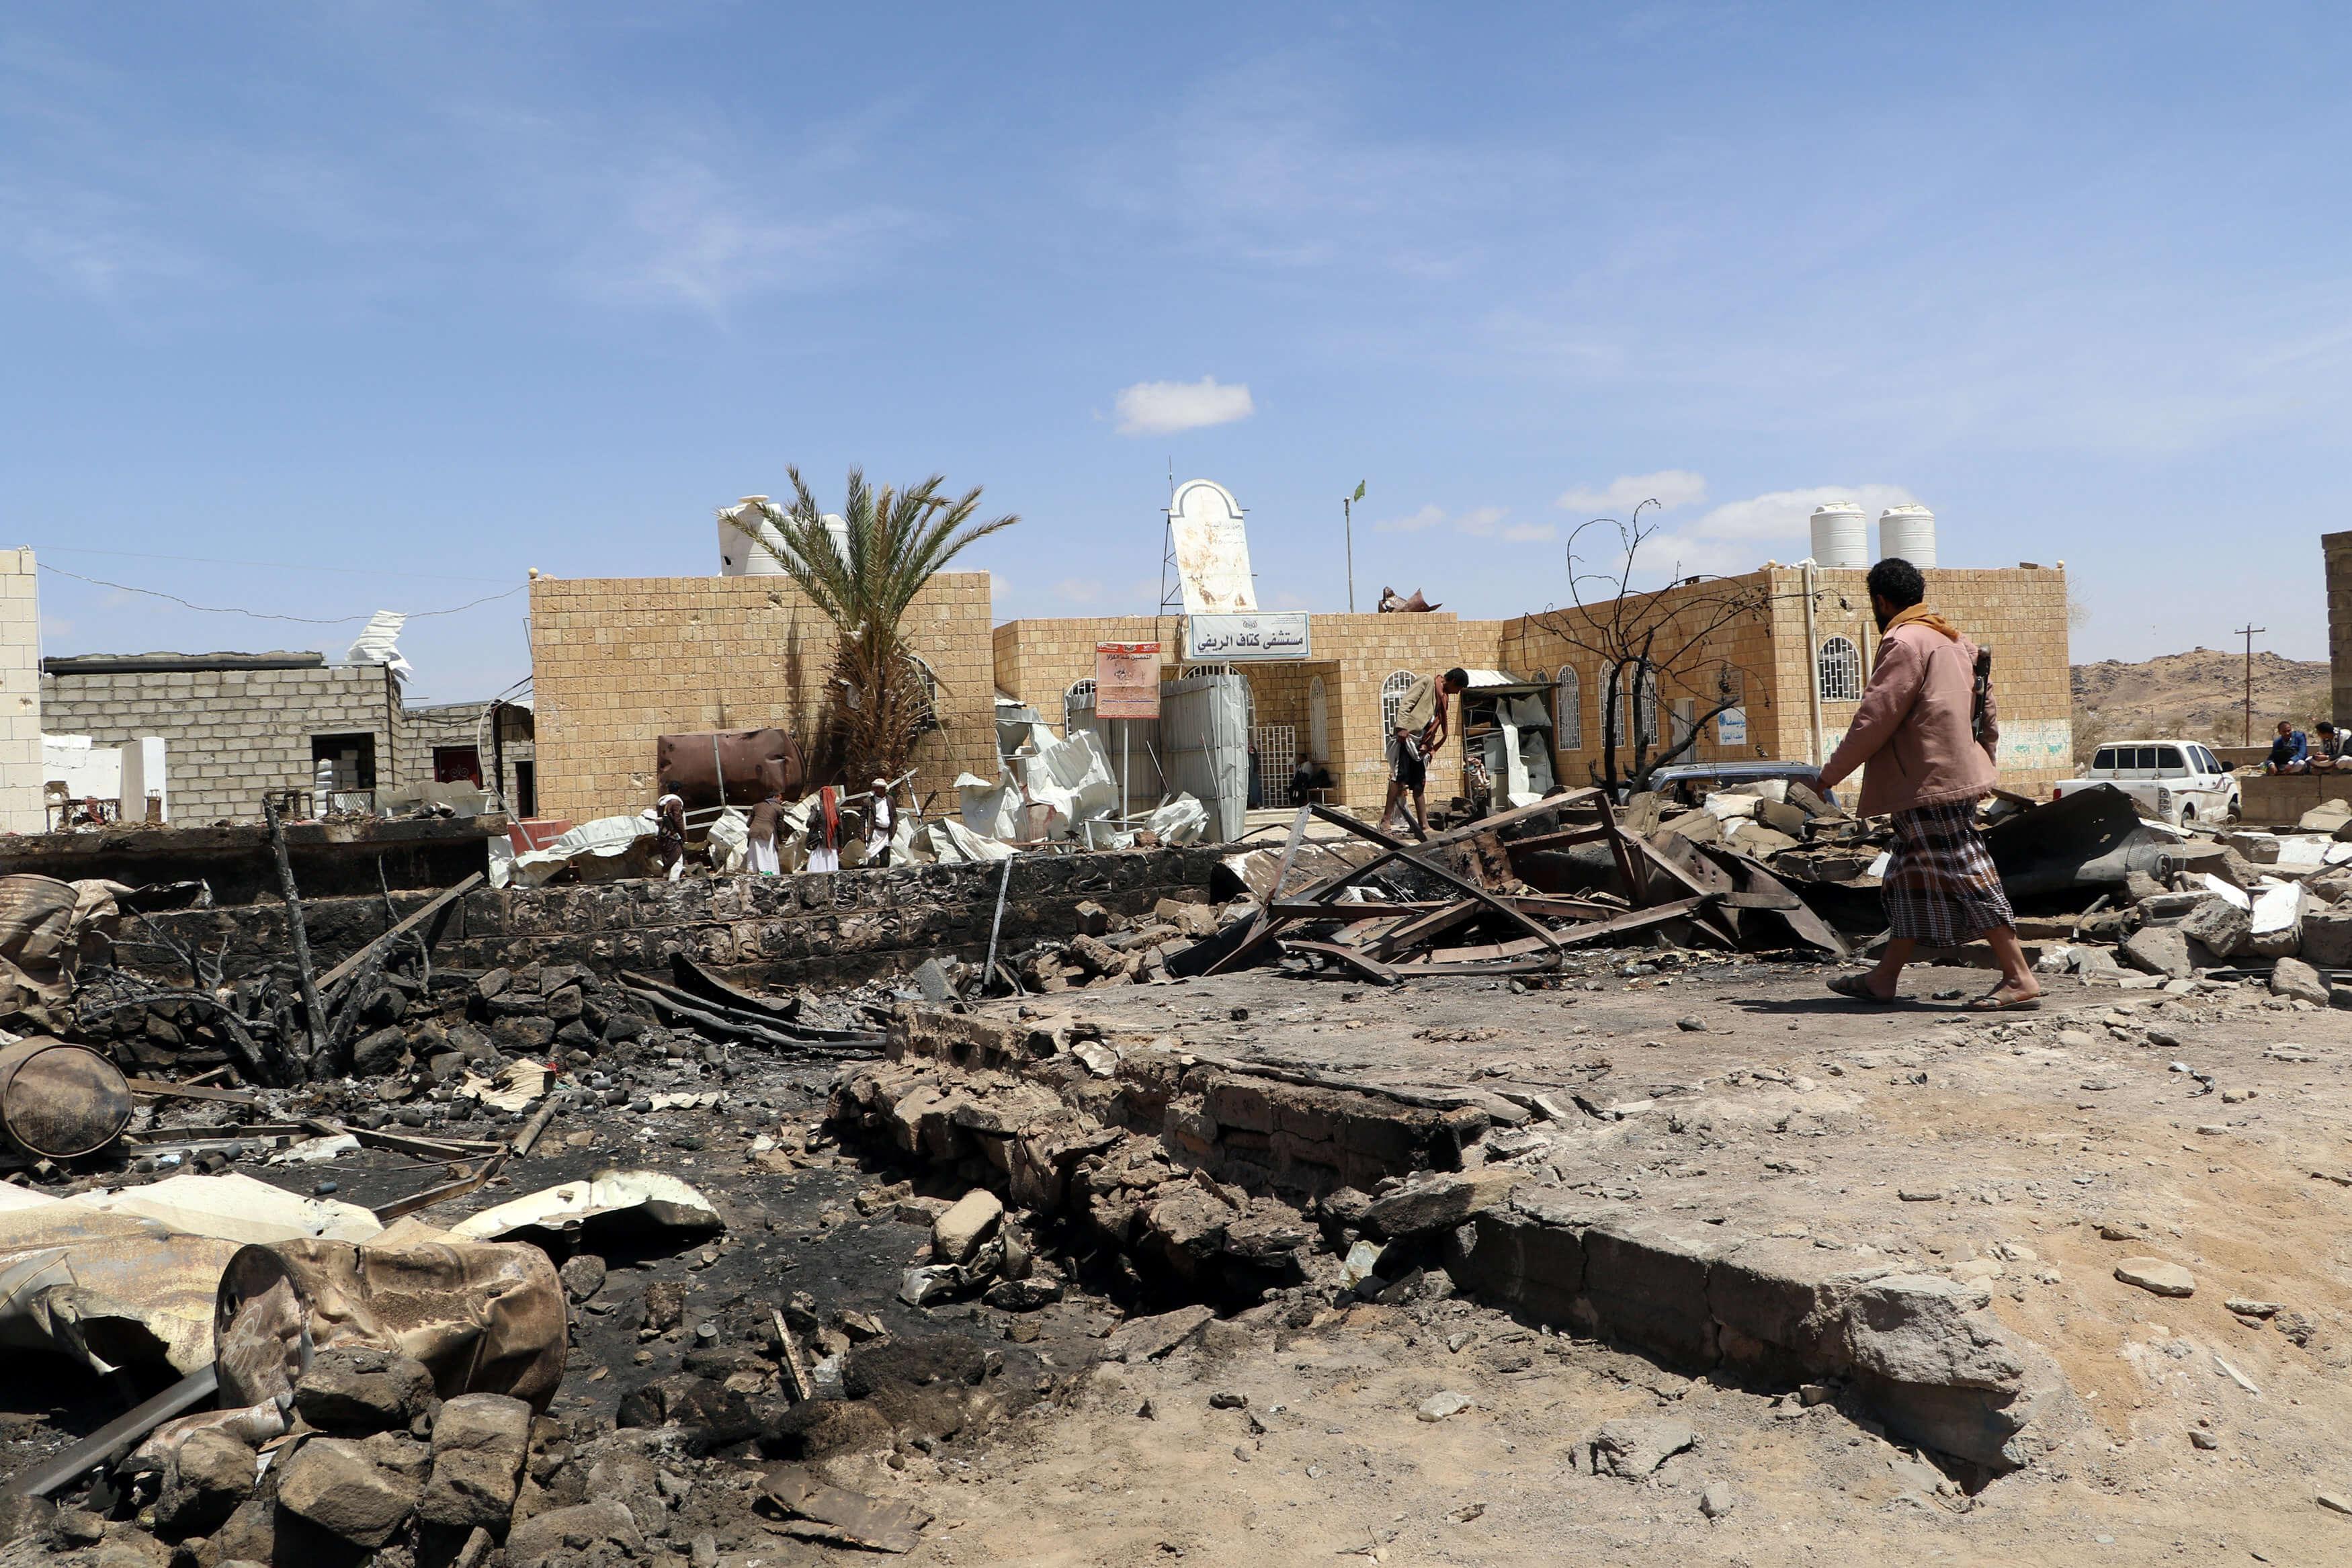 Υεμένη: Δυο έφηβοι νεκροί σε σχολείο από έκρηξη βόμβας